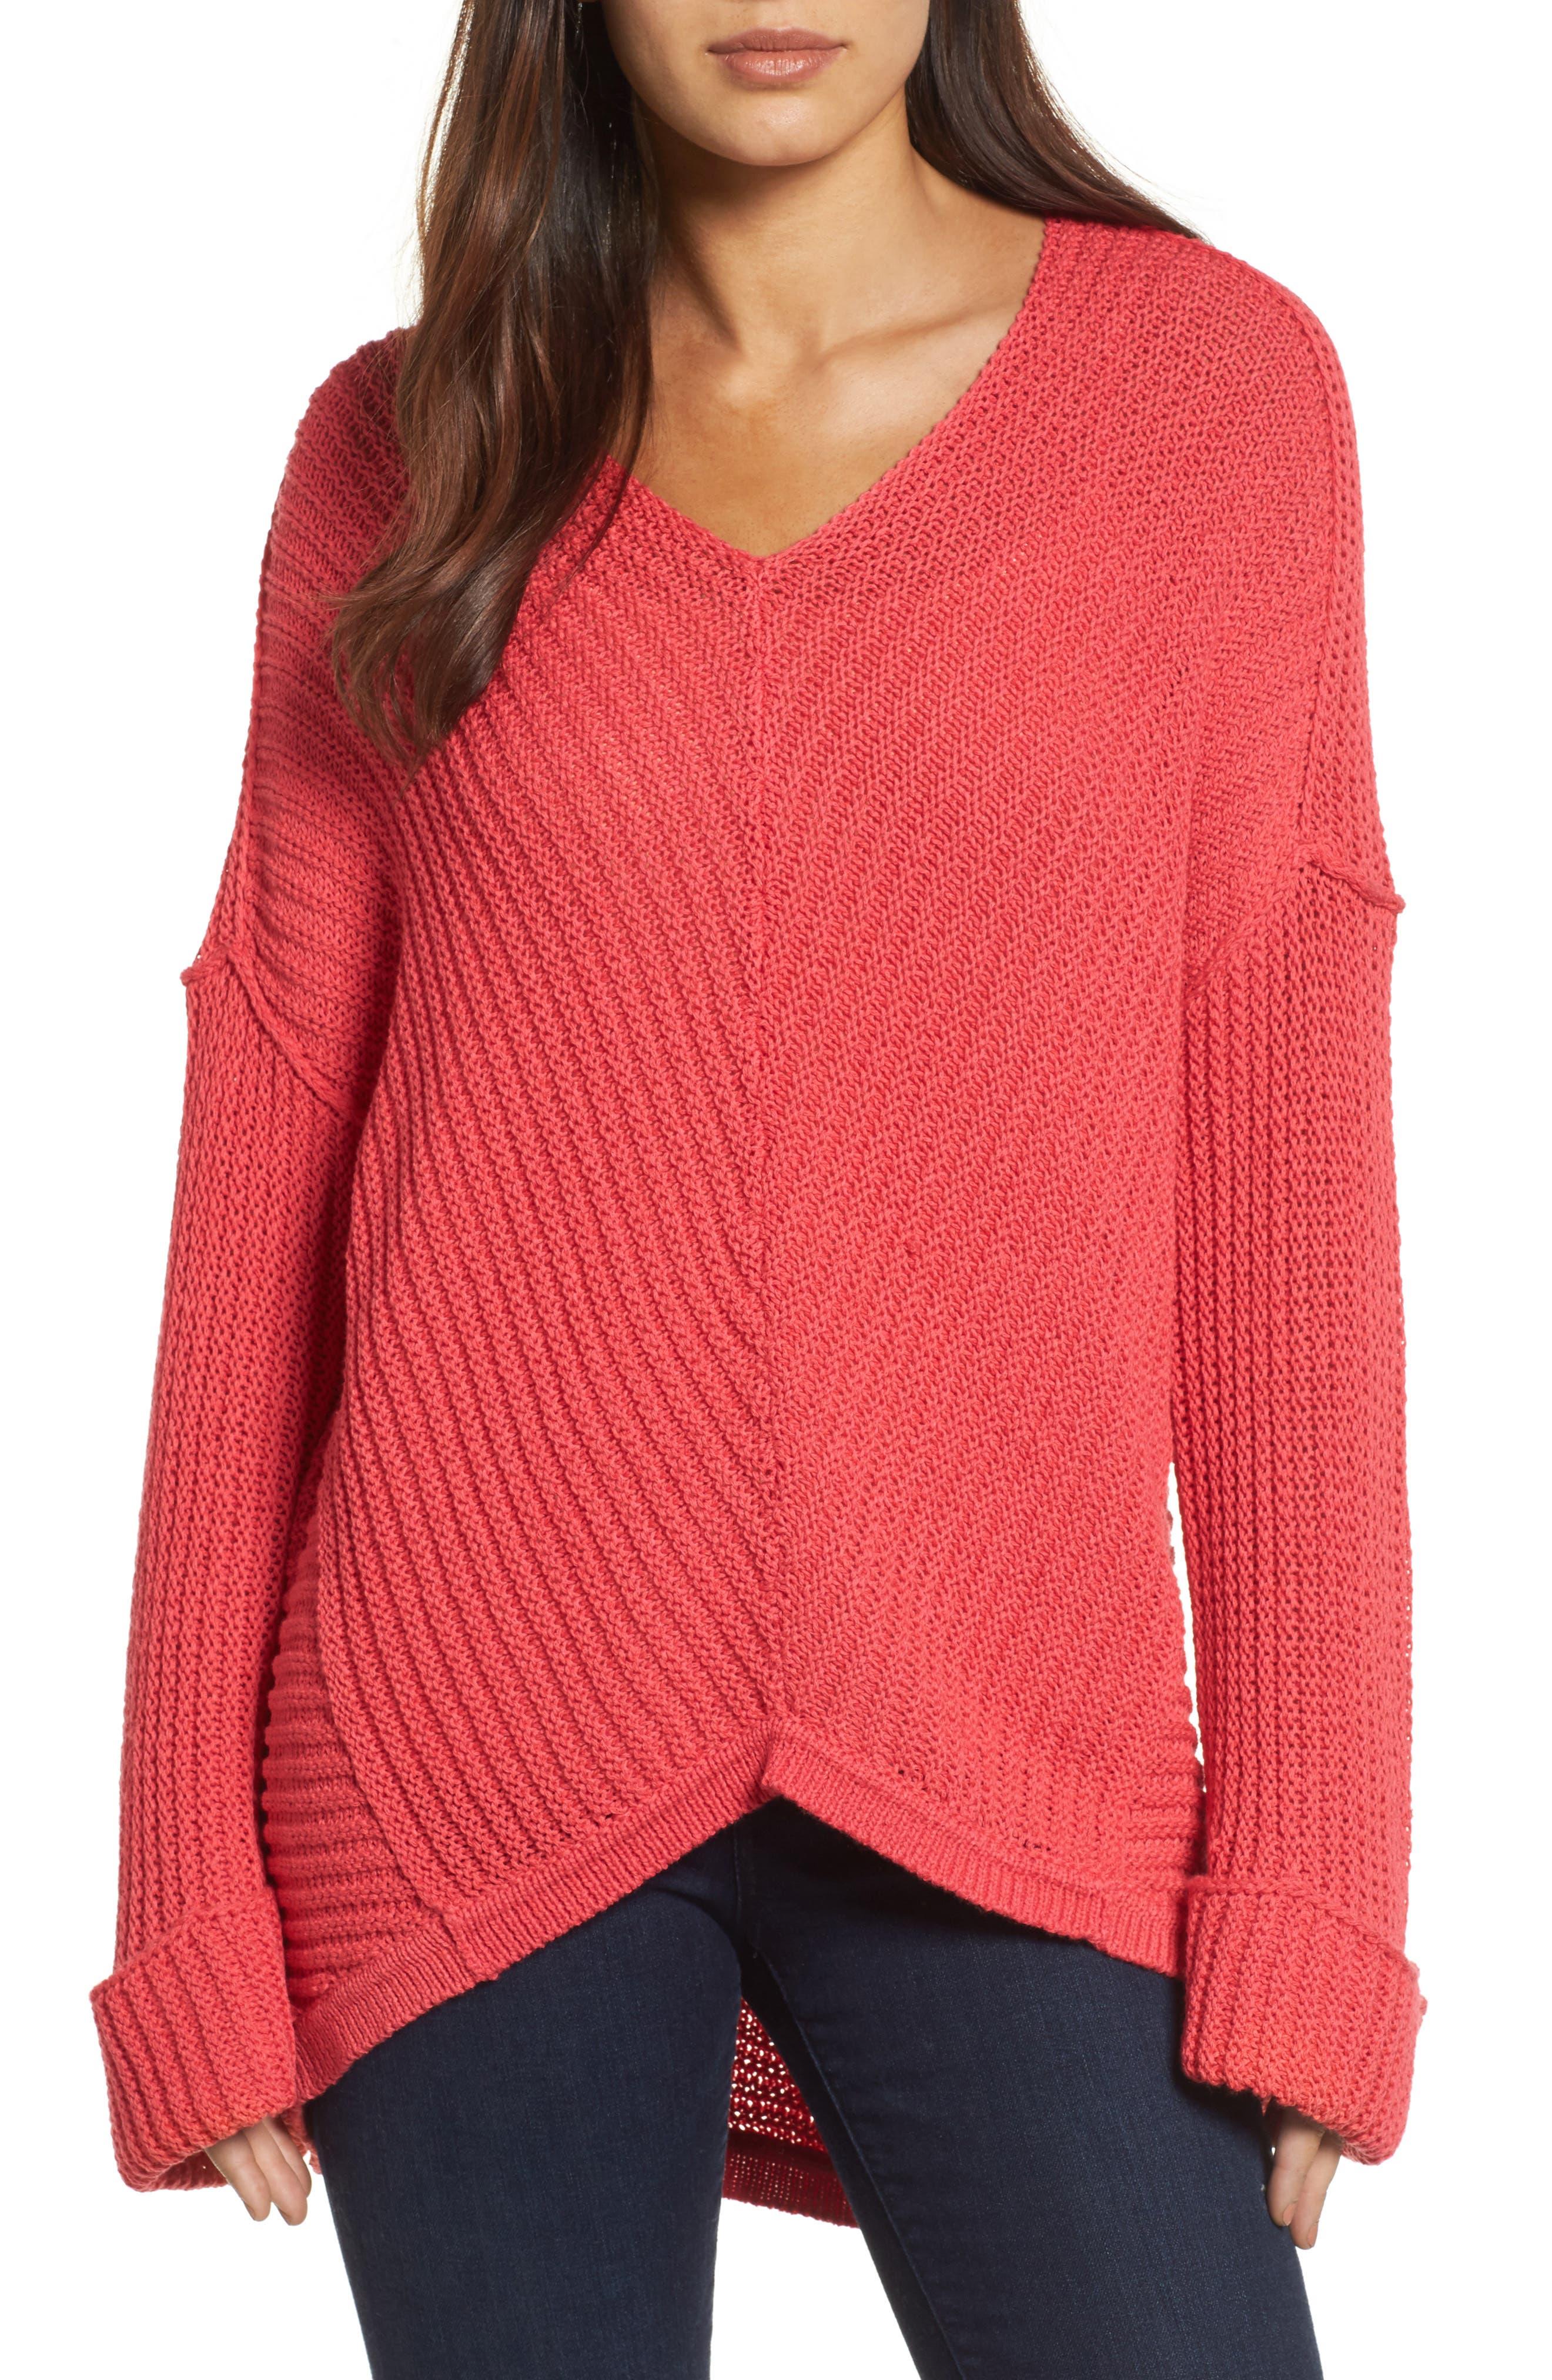 Alternate Image 1 Selected - Caslon® Cuffed Sleeve Sweater (Regular & Petite)